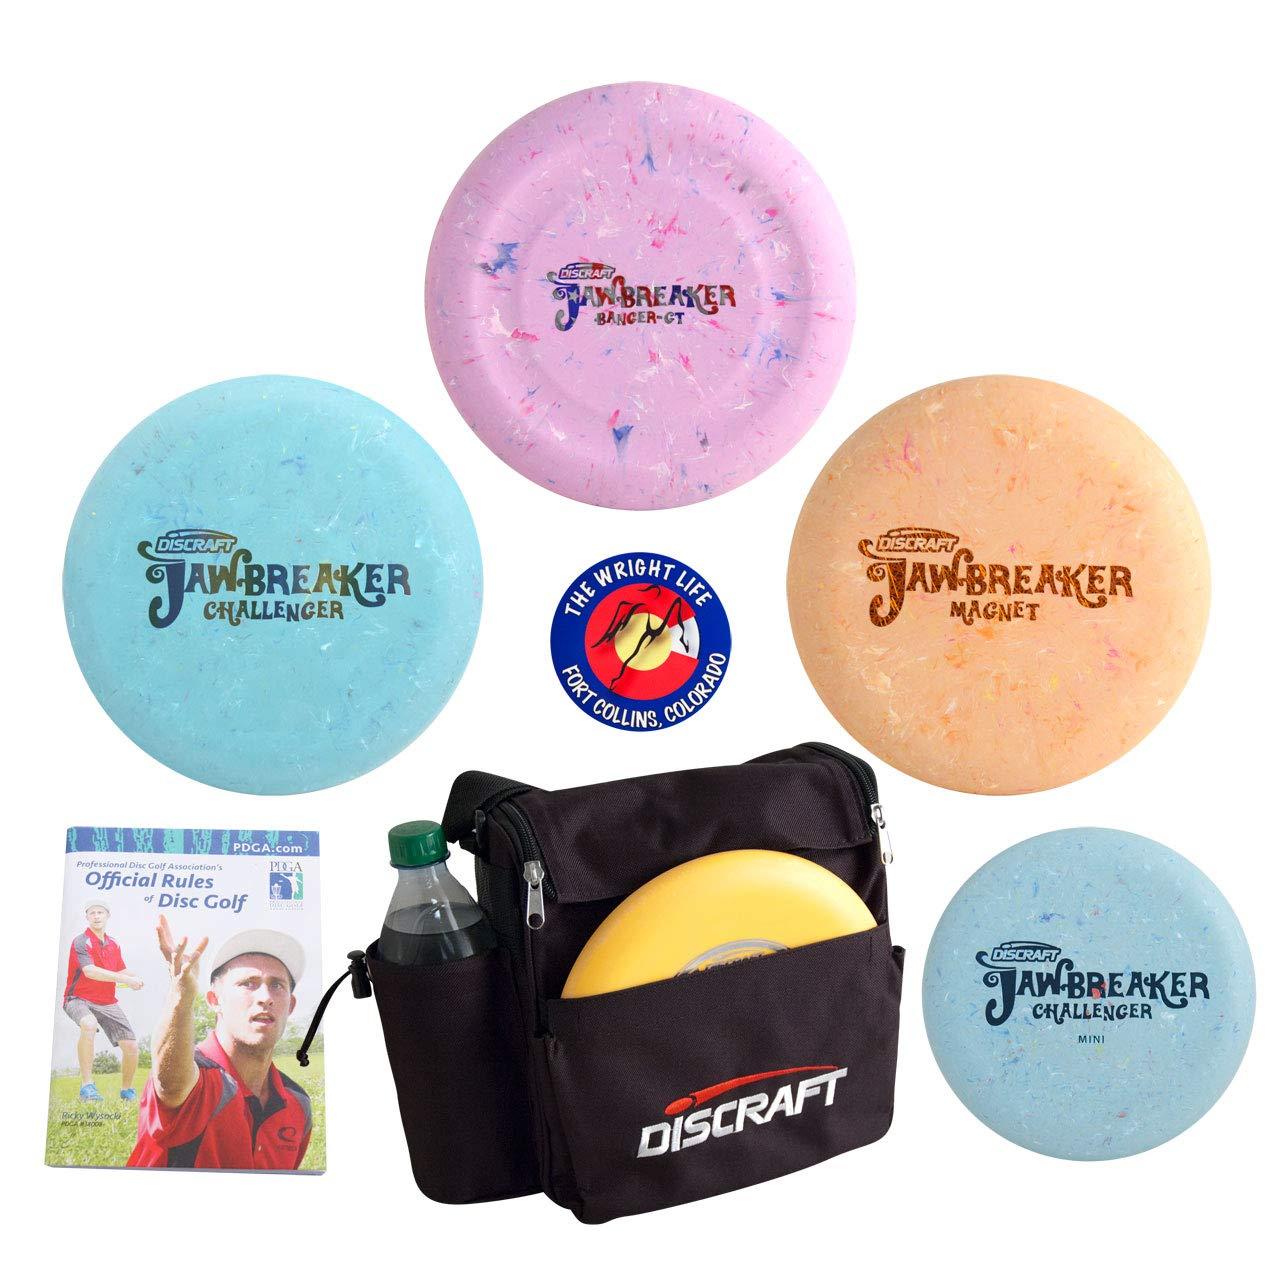 Discraft Jawbreaker パターディスクゴルフギフトセット – 3ディスク + ウィークエンダーバッグ ステッカー ルールブック (7アイテム カラーは異なる場合があります) B07K1NZXMB